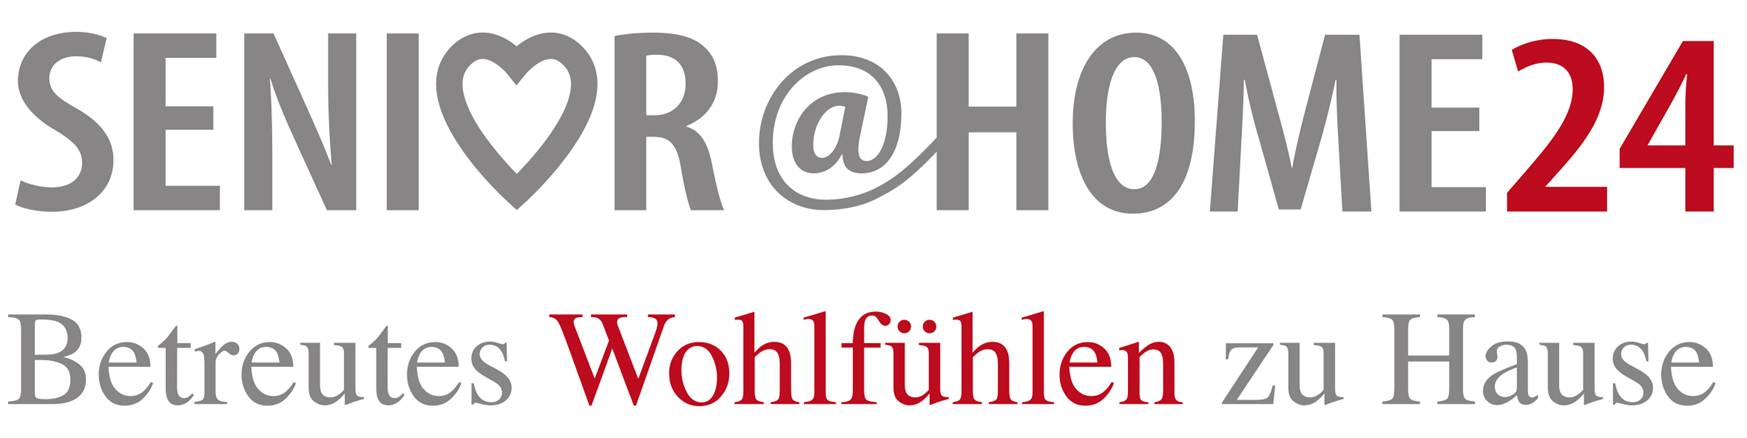 Logo SENIOR@HOME24 - Dr. Katrin und Reiner Herre GbR